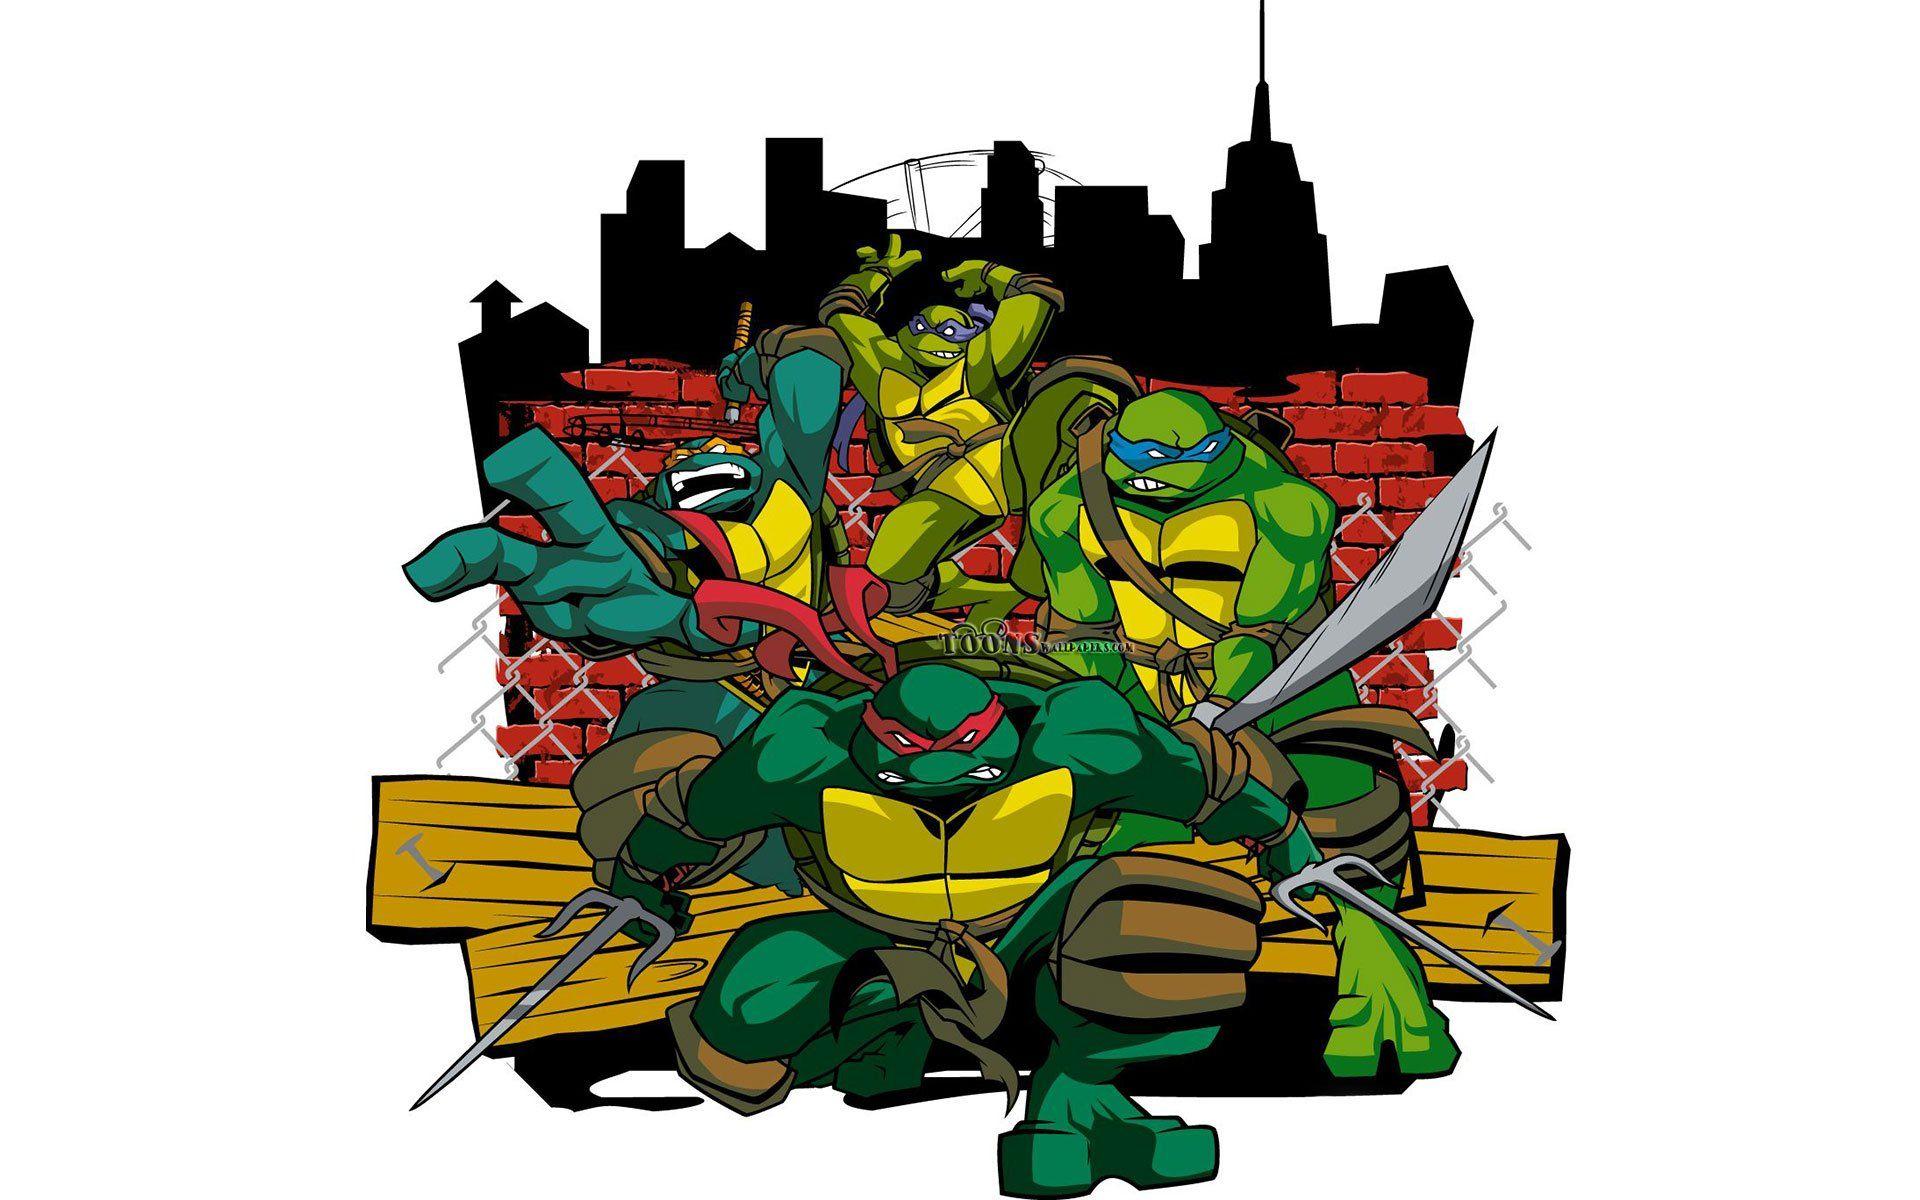 Download Ninja Turtles Cartoon Pictures Wallpaper Full 1920x1200 49 Wallpapers